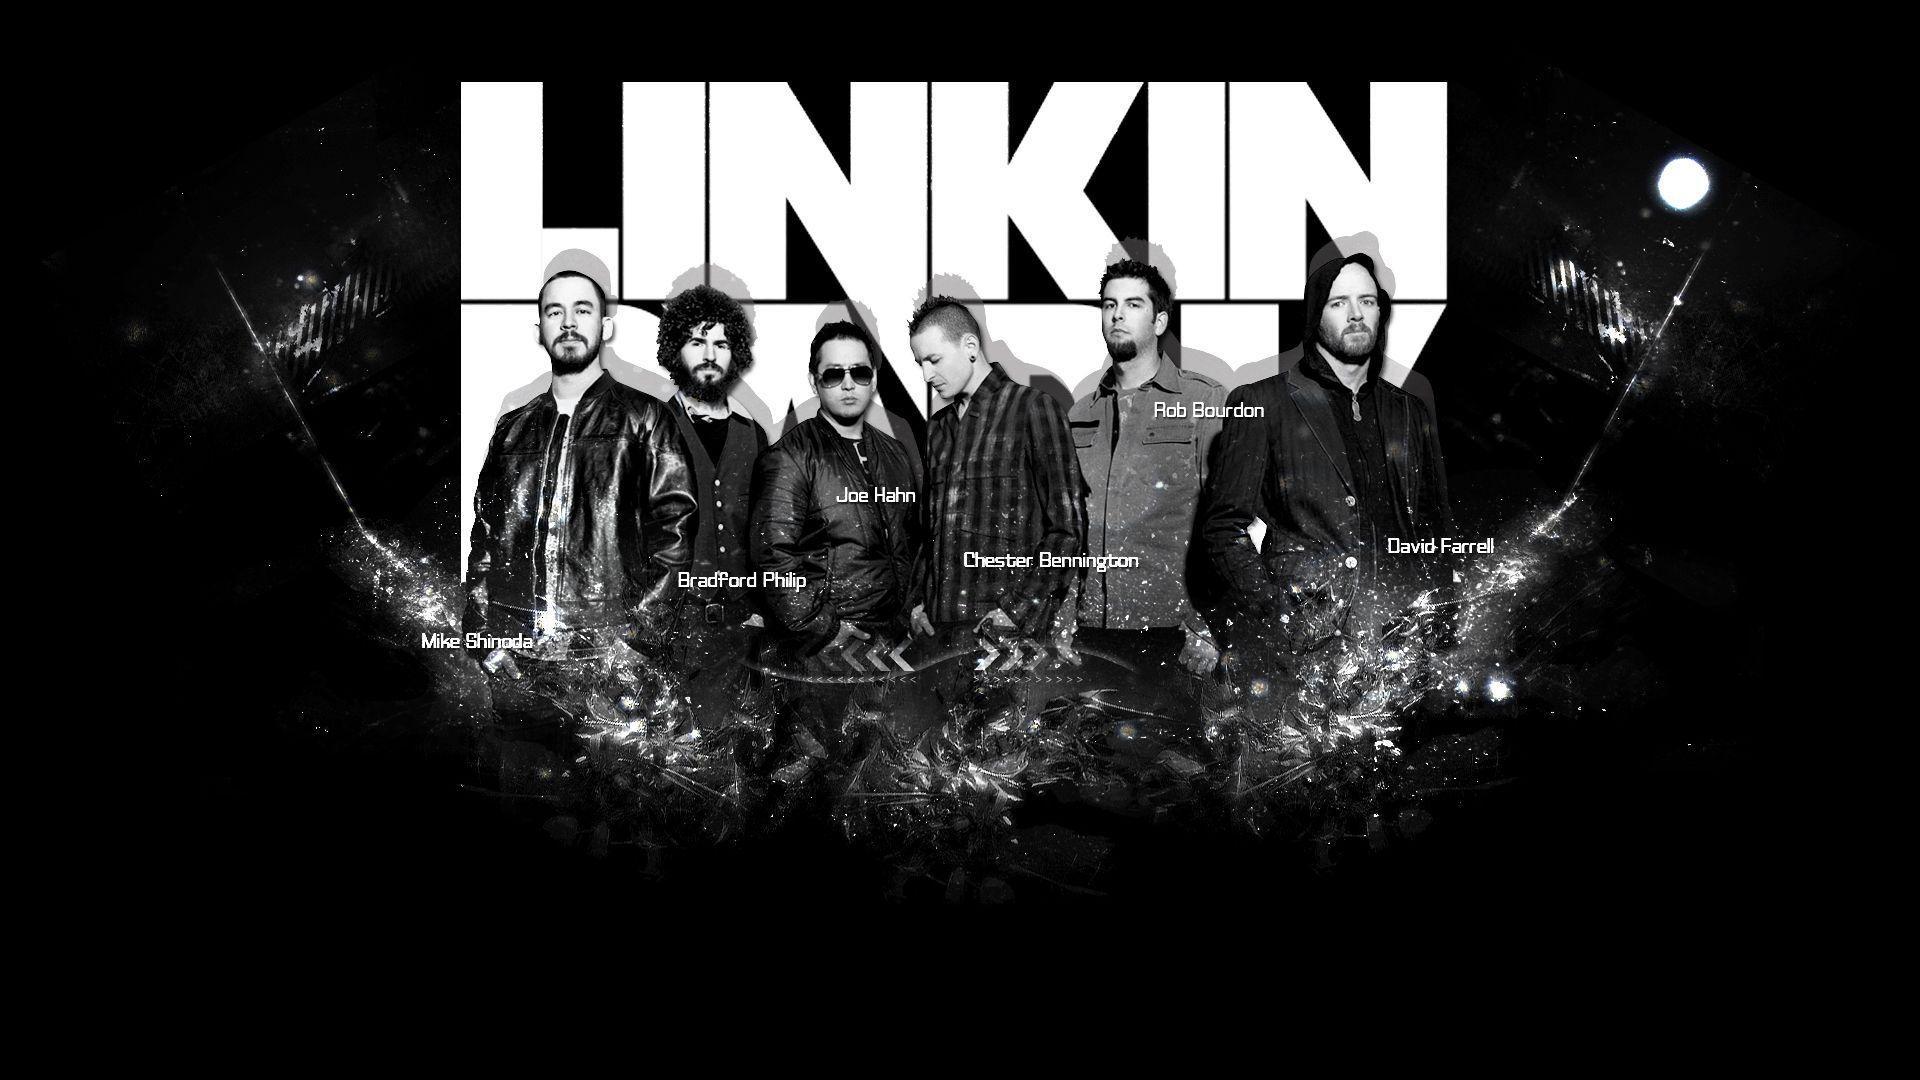 Wallpaper iphone linkin park - Linkin Park Hd Wallpaper